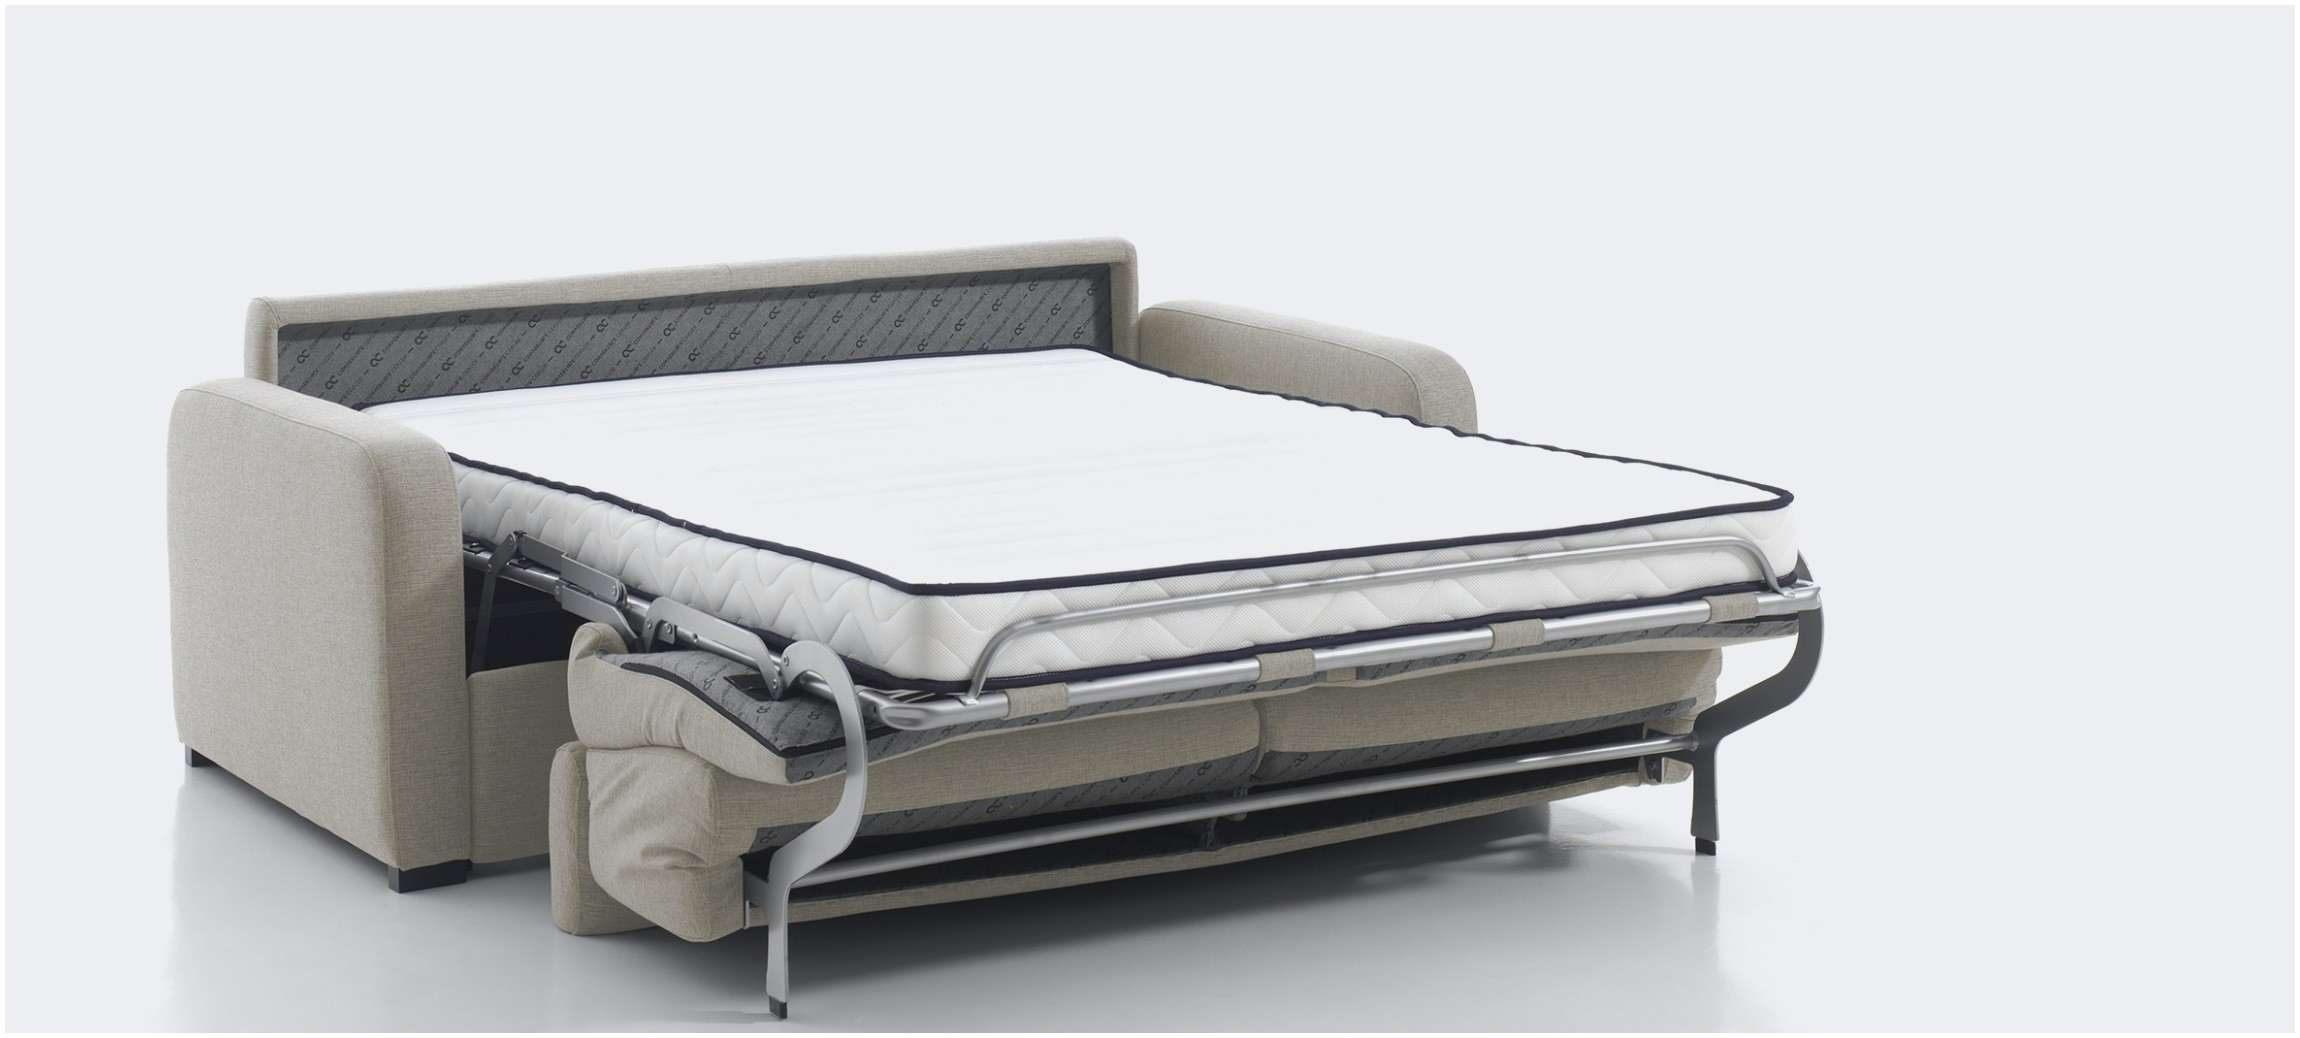 Couvre Lit Matelassé Ikea Frais Luxe 45 De Luxes Canapé D Angle Convertible Matelas Pour Excellent